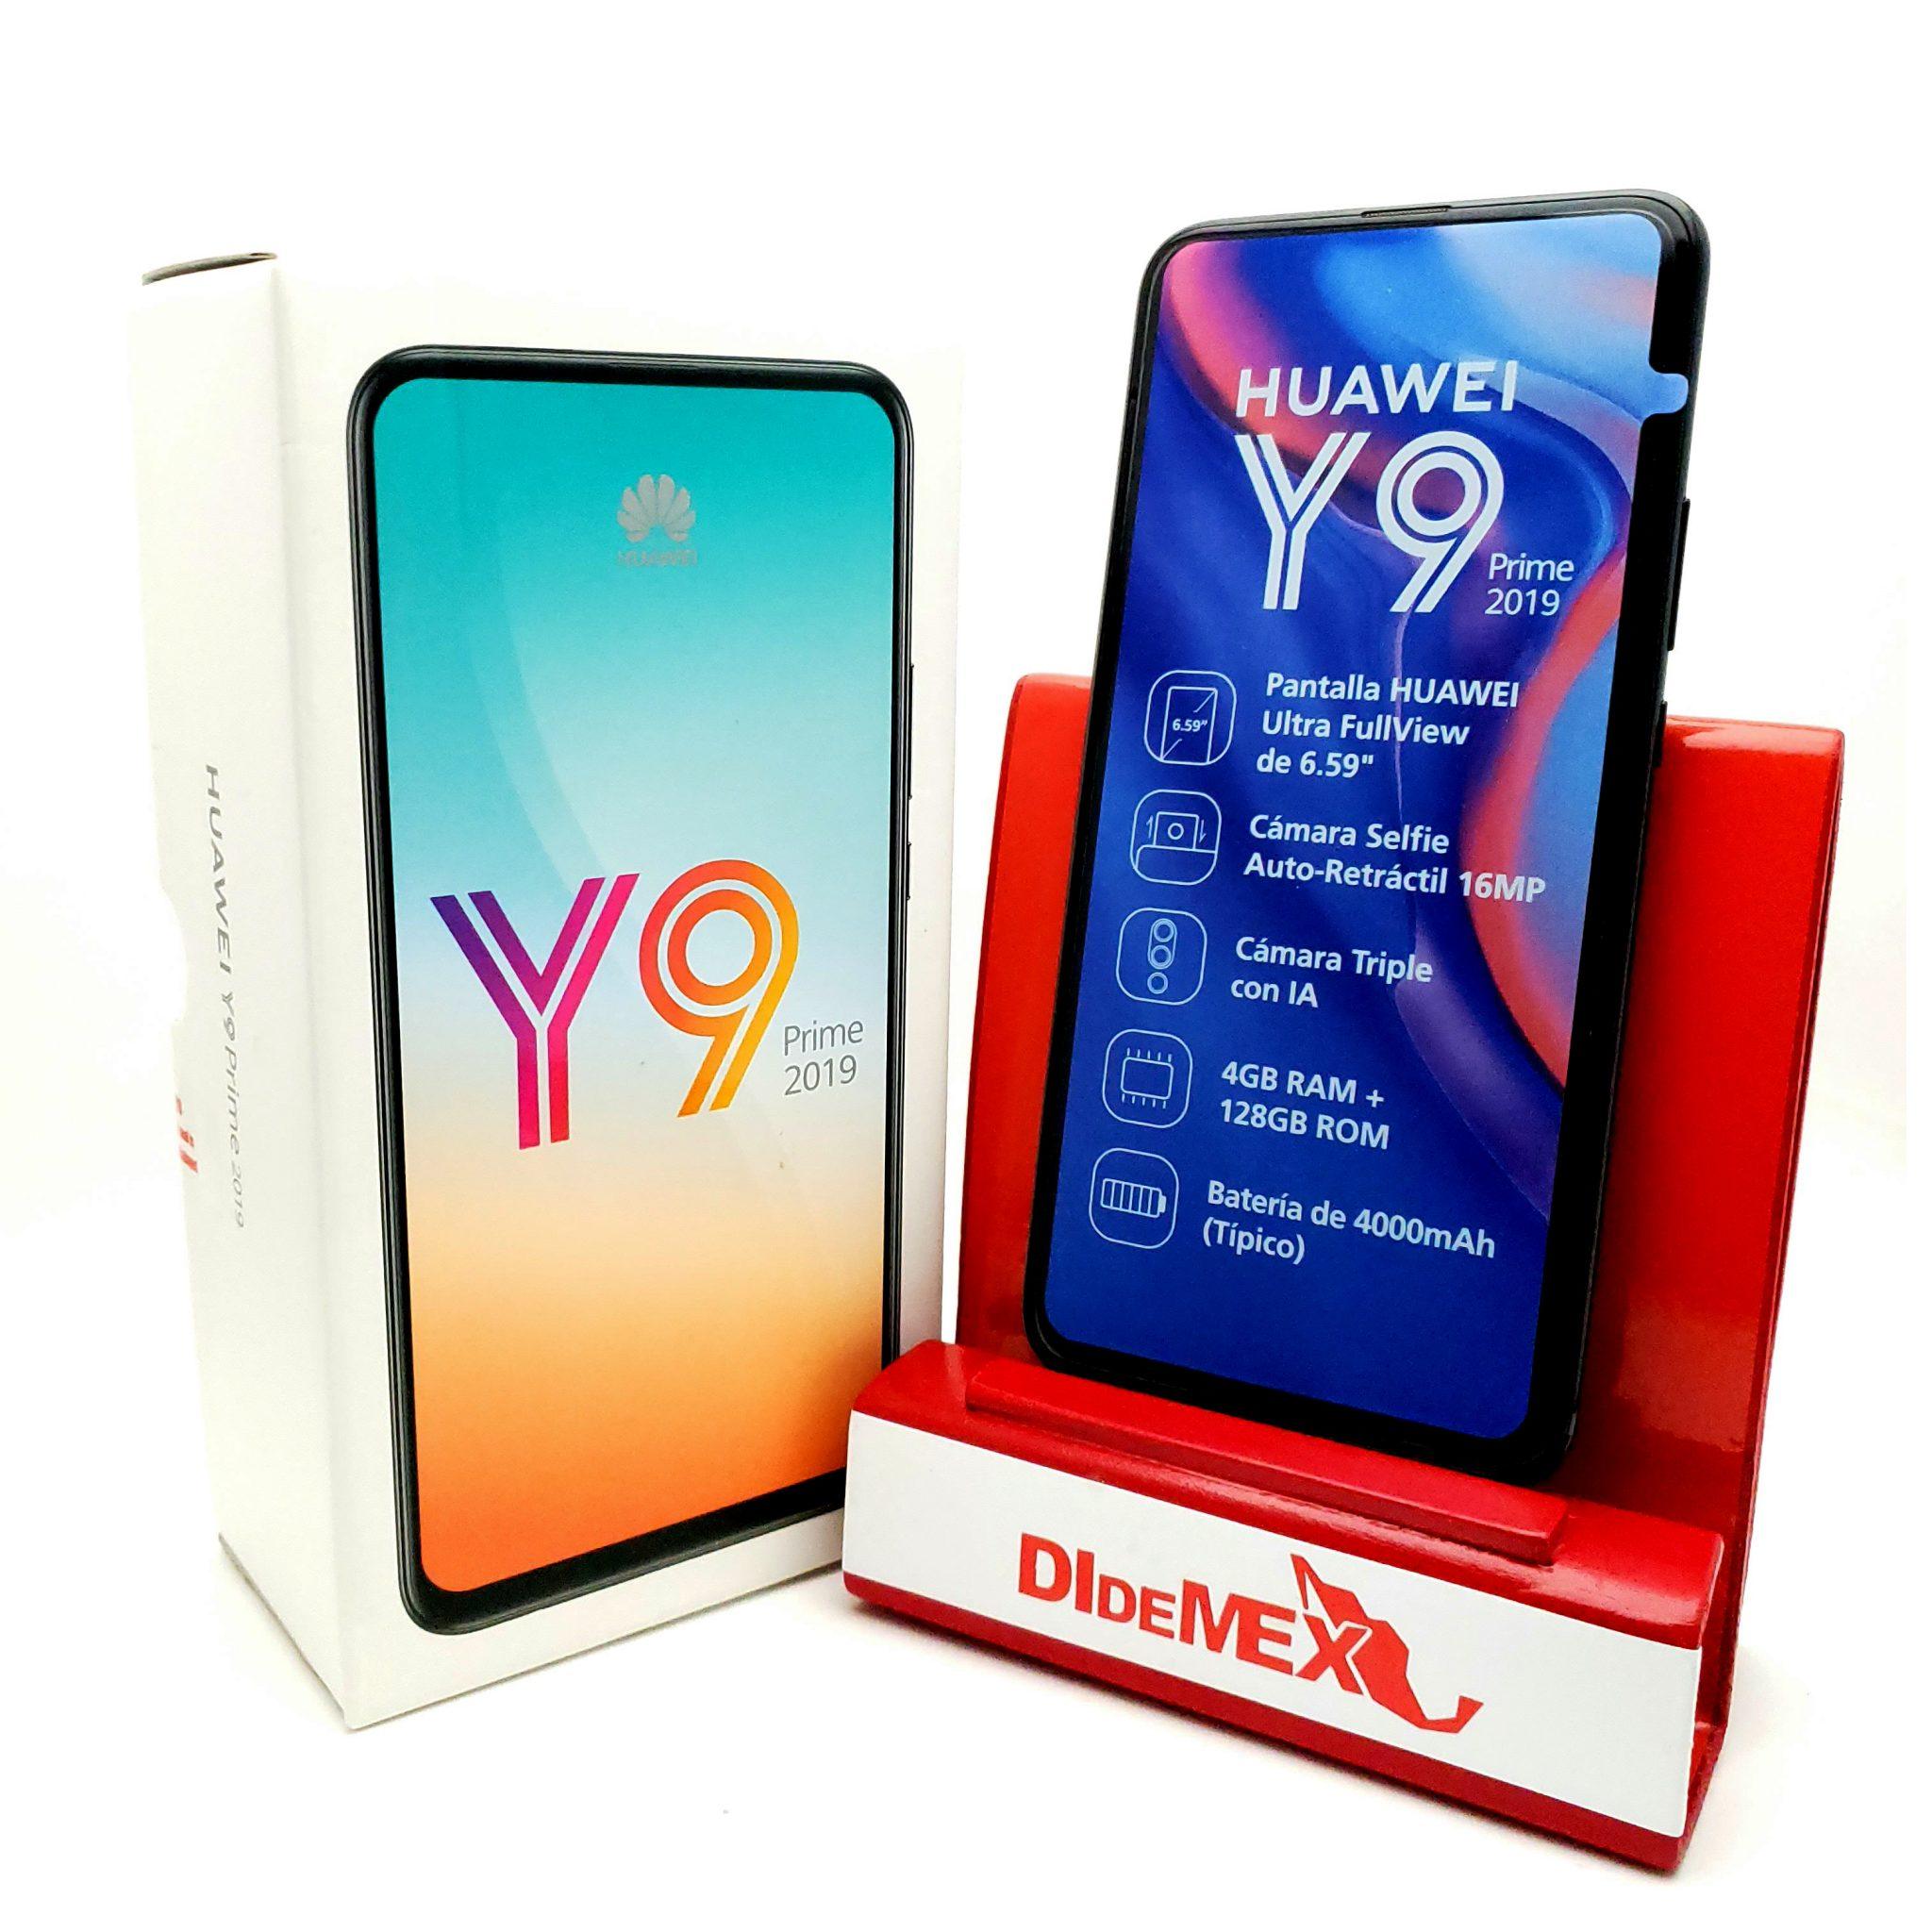 Huawei Y9 2019 Prime 128gb Negro Nuevo En Caja